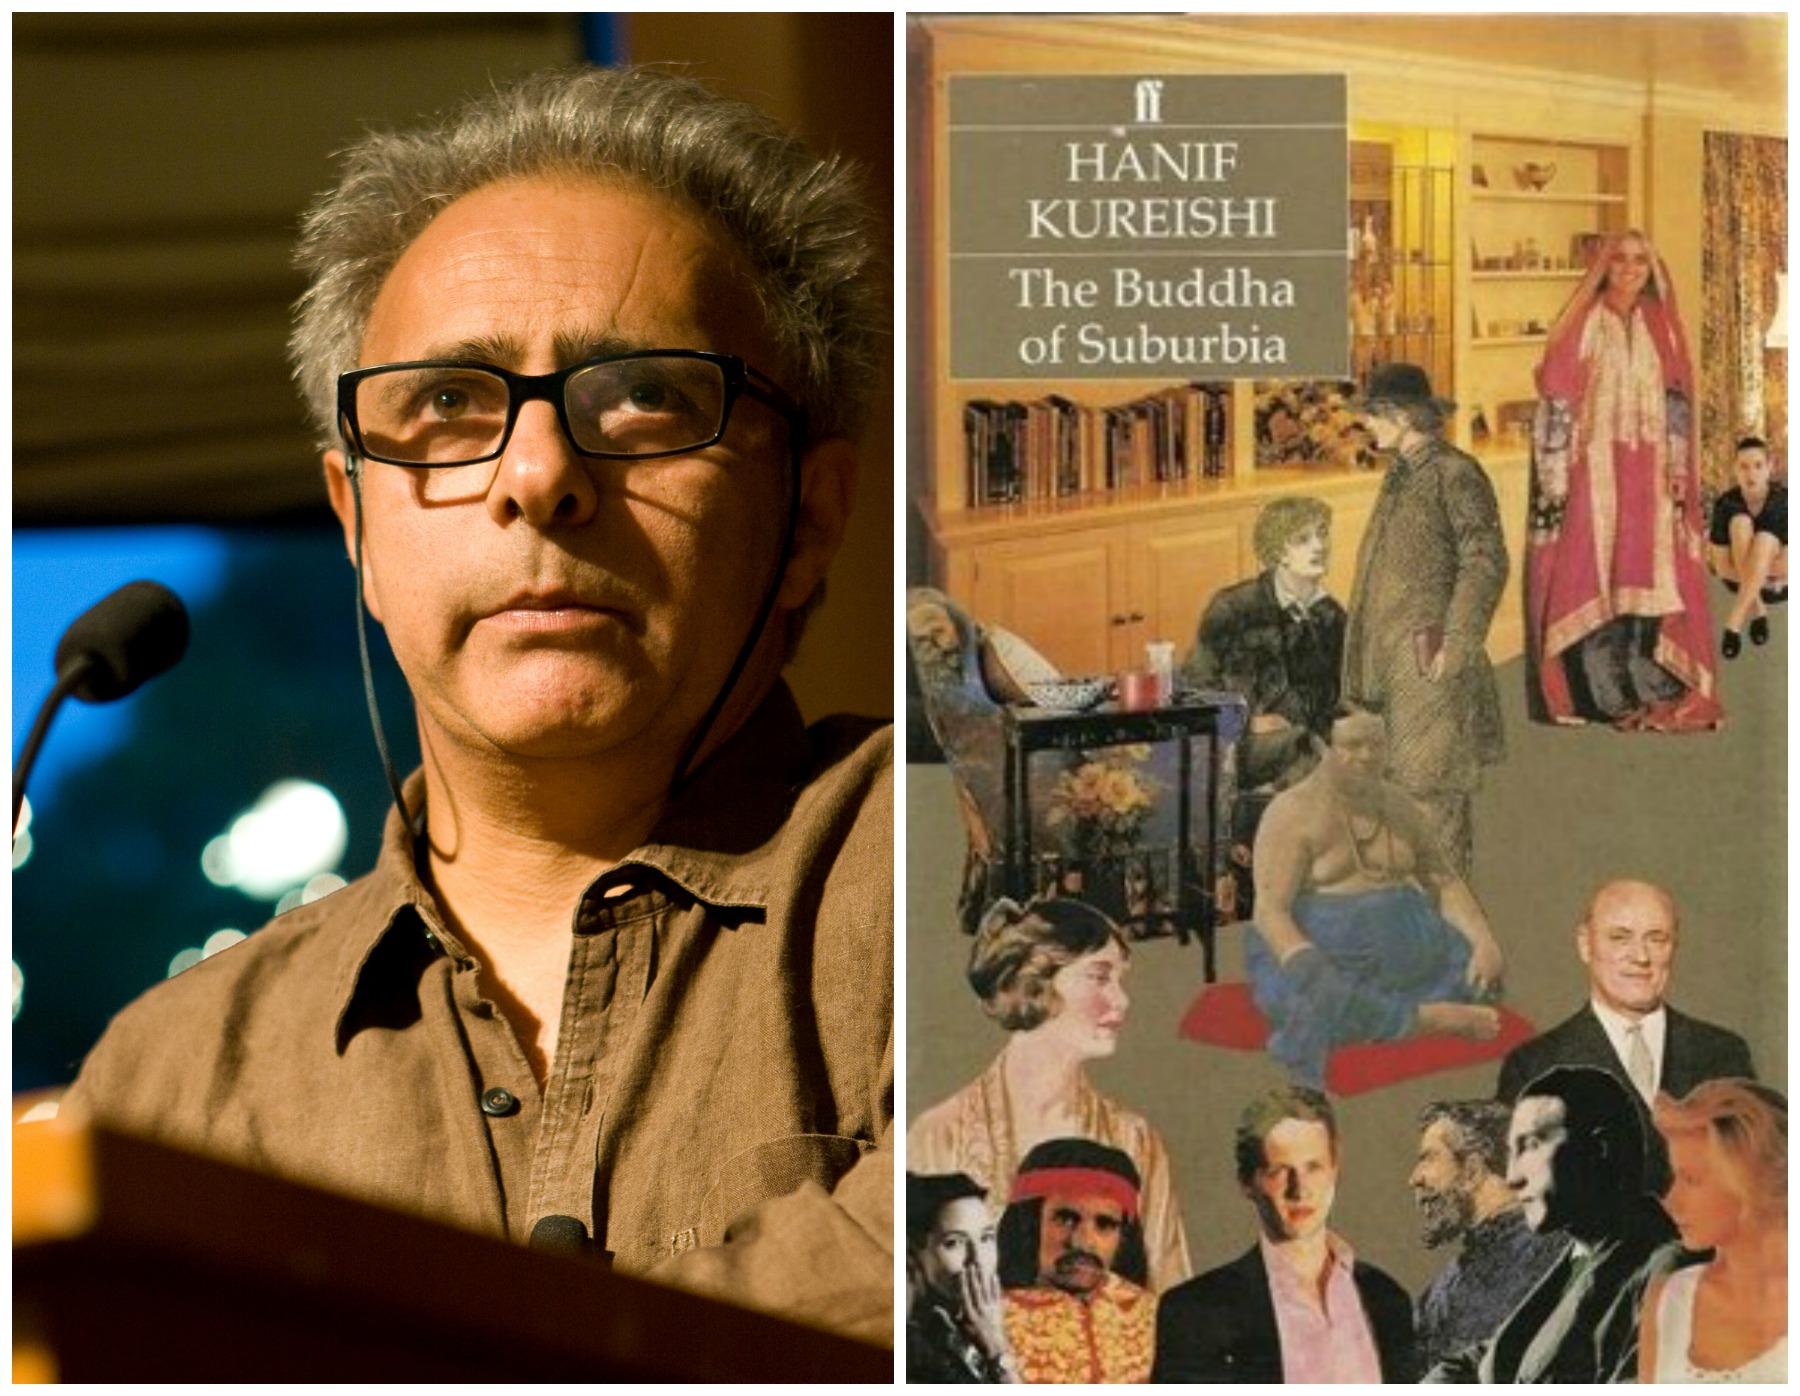 Wydana w 1990 r. książka 'Budda z przedmieścia' była pierwszą powieścią w dorobku Hanifa Kureishiego (fot. Nrbelex / Wikimedia.org / CC BY-SA 2.5 / Wikimedia.org / Fair use)